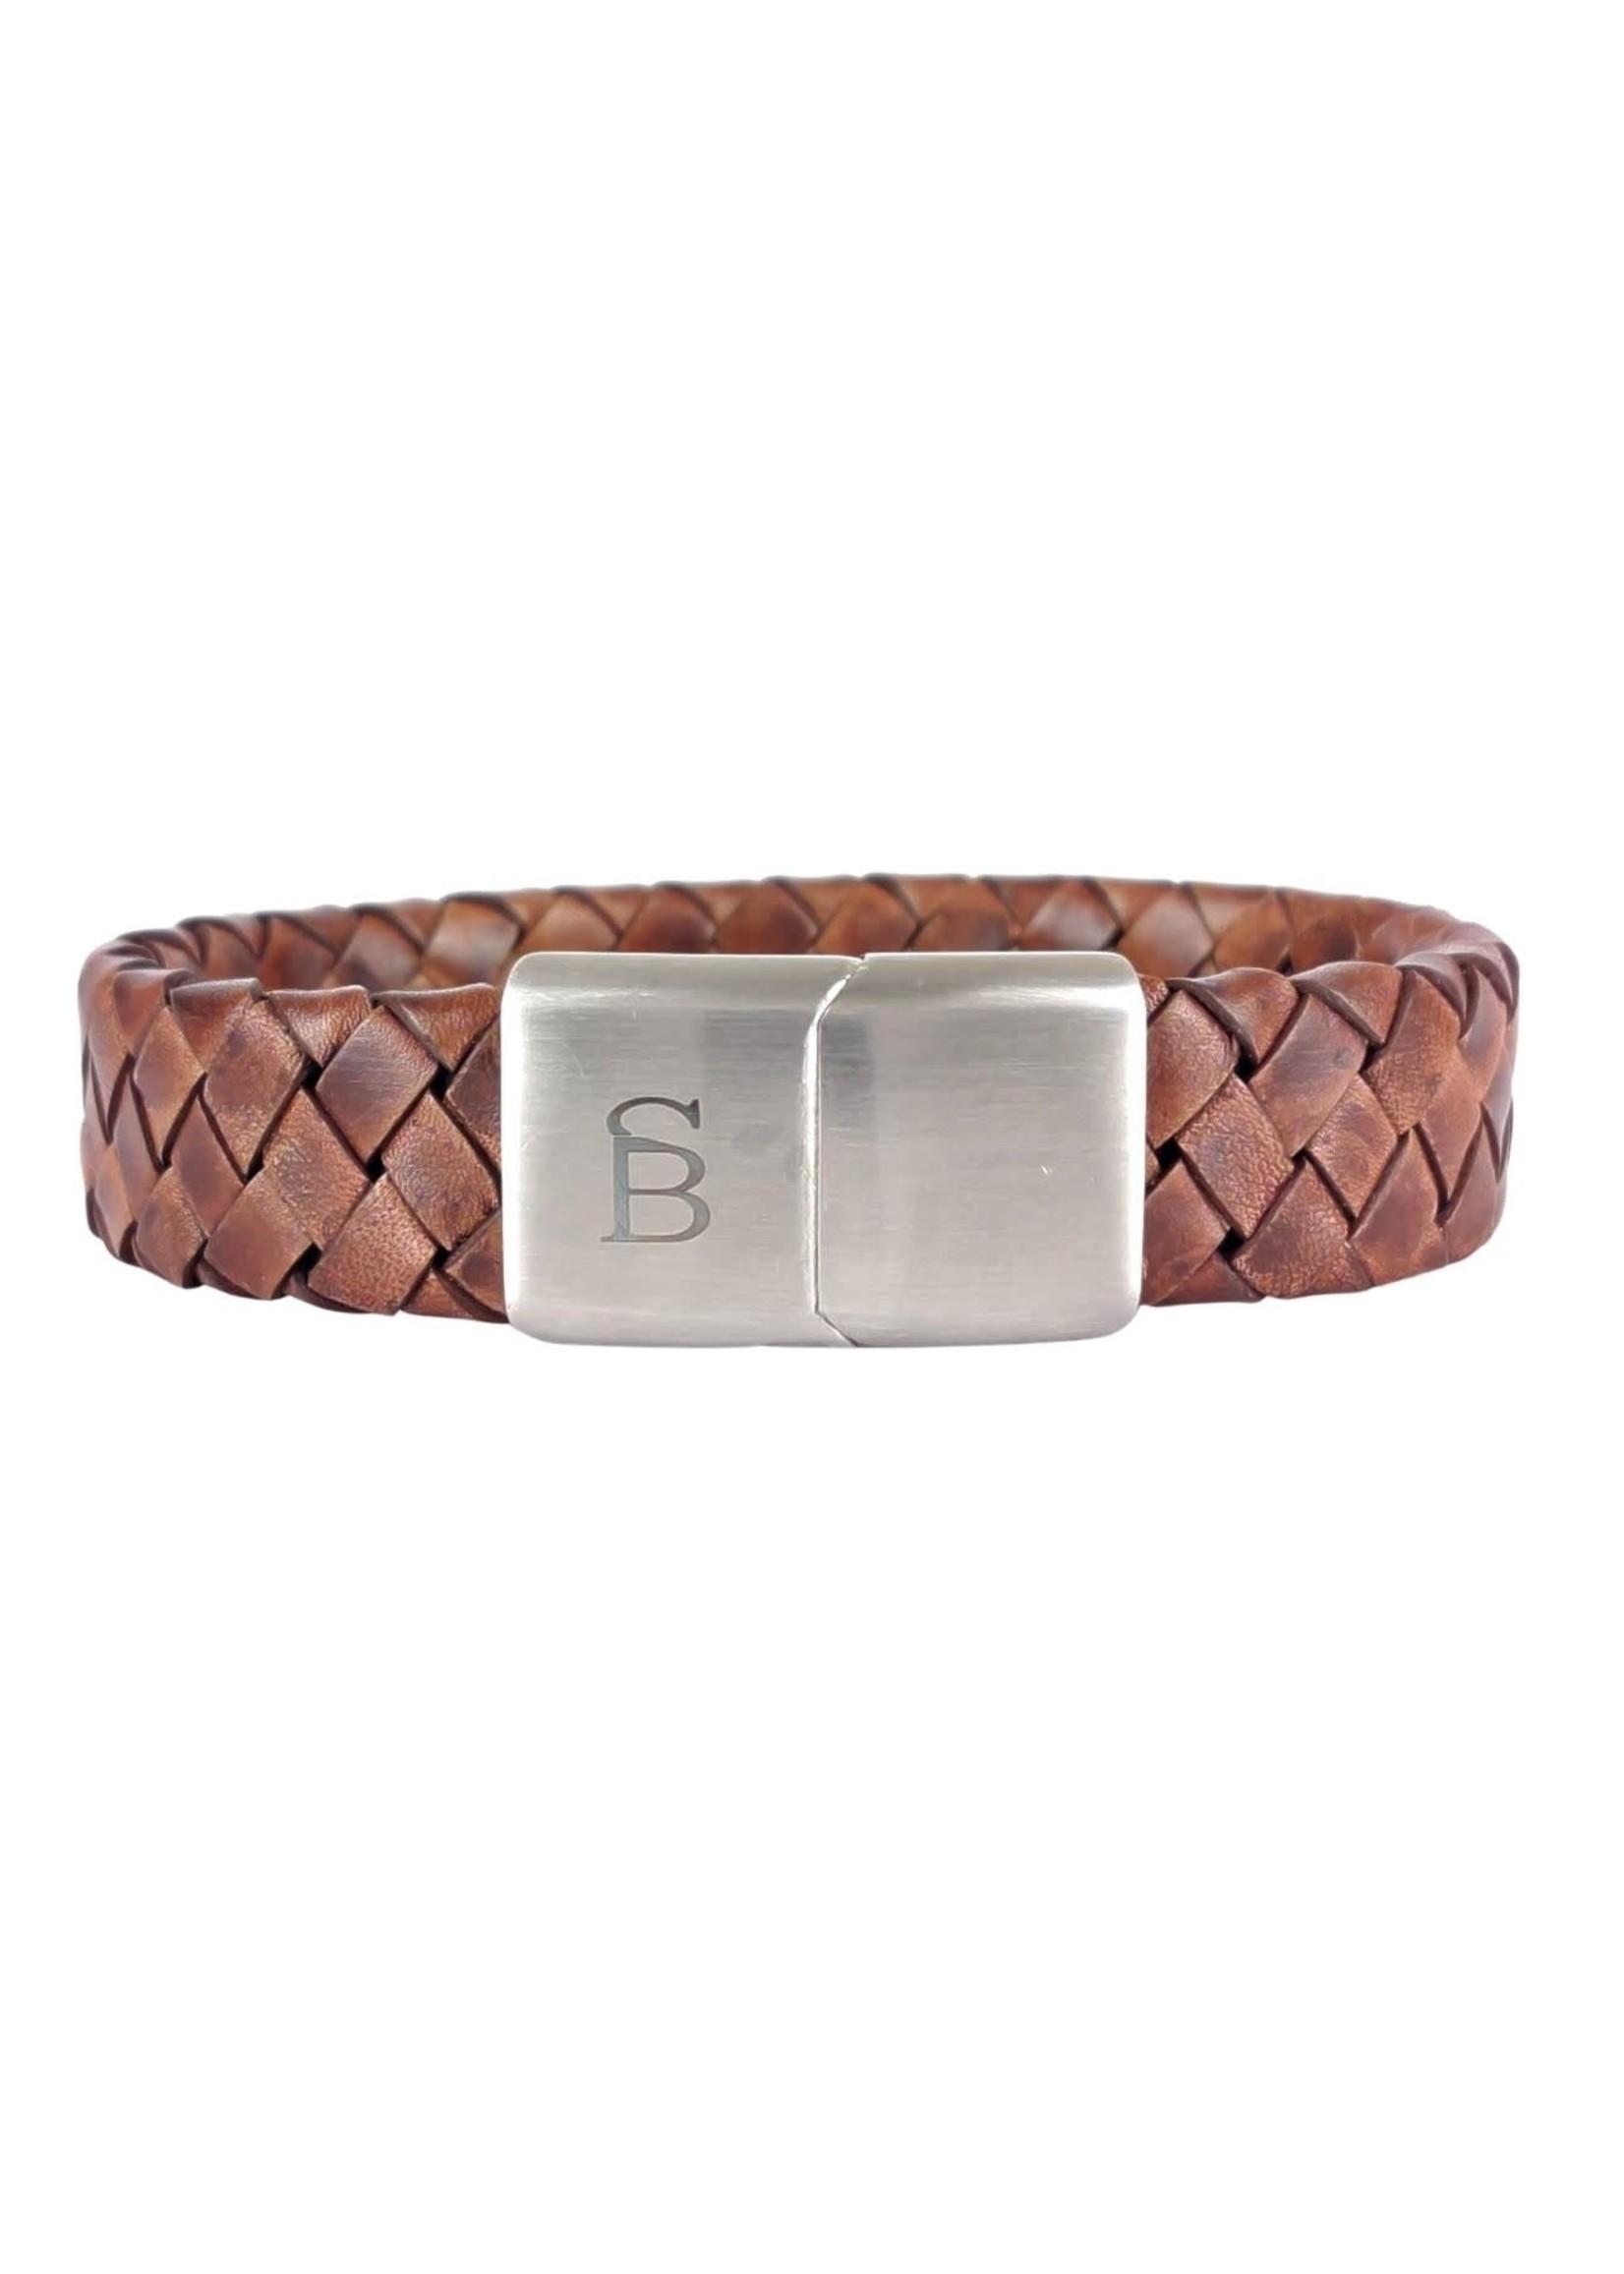 Steel & Barnett Leather Bracelet Preston | Caramel | Steel&Barnett